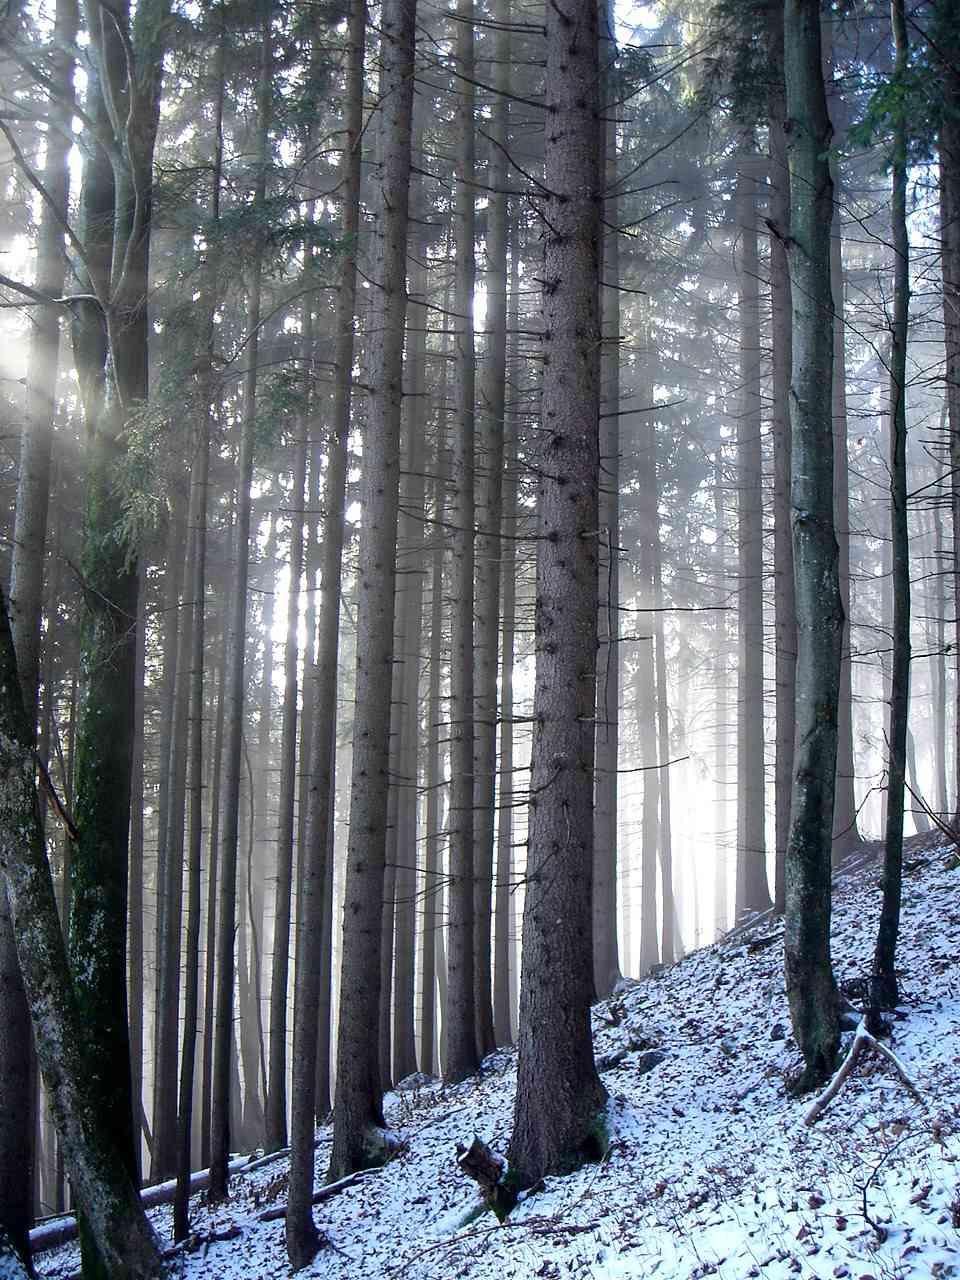 Foto: Manfred Karl / Wander Tour / Von der Padinger Alm auf den Hochstaufen / Staufenimpressionen - etwas oberhalb der Padinger Alm / 18.05.2007 06:59:02